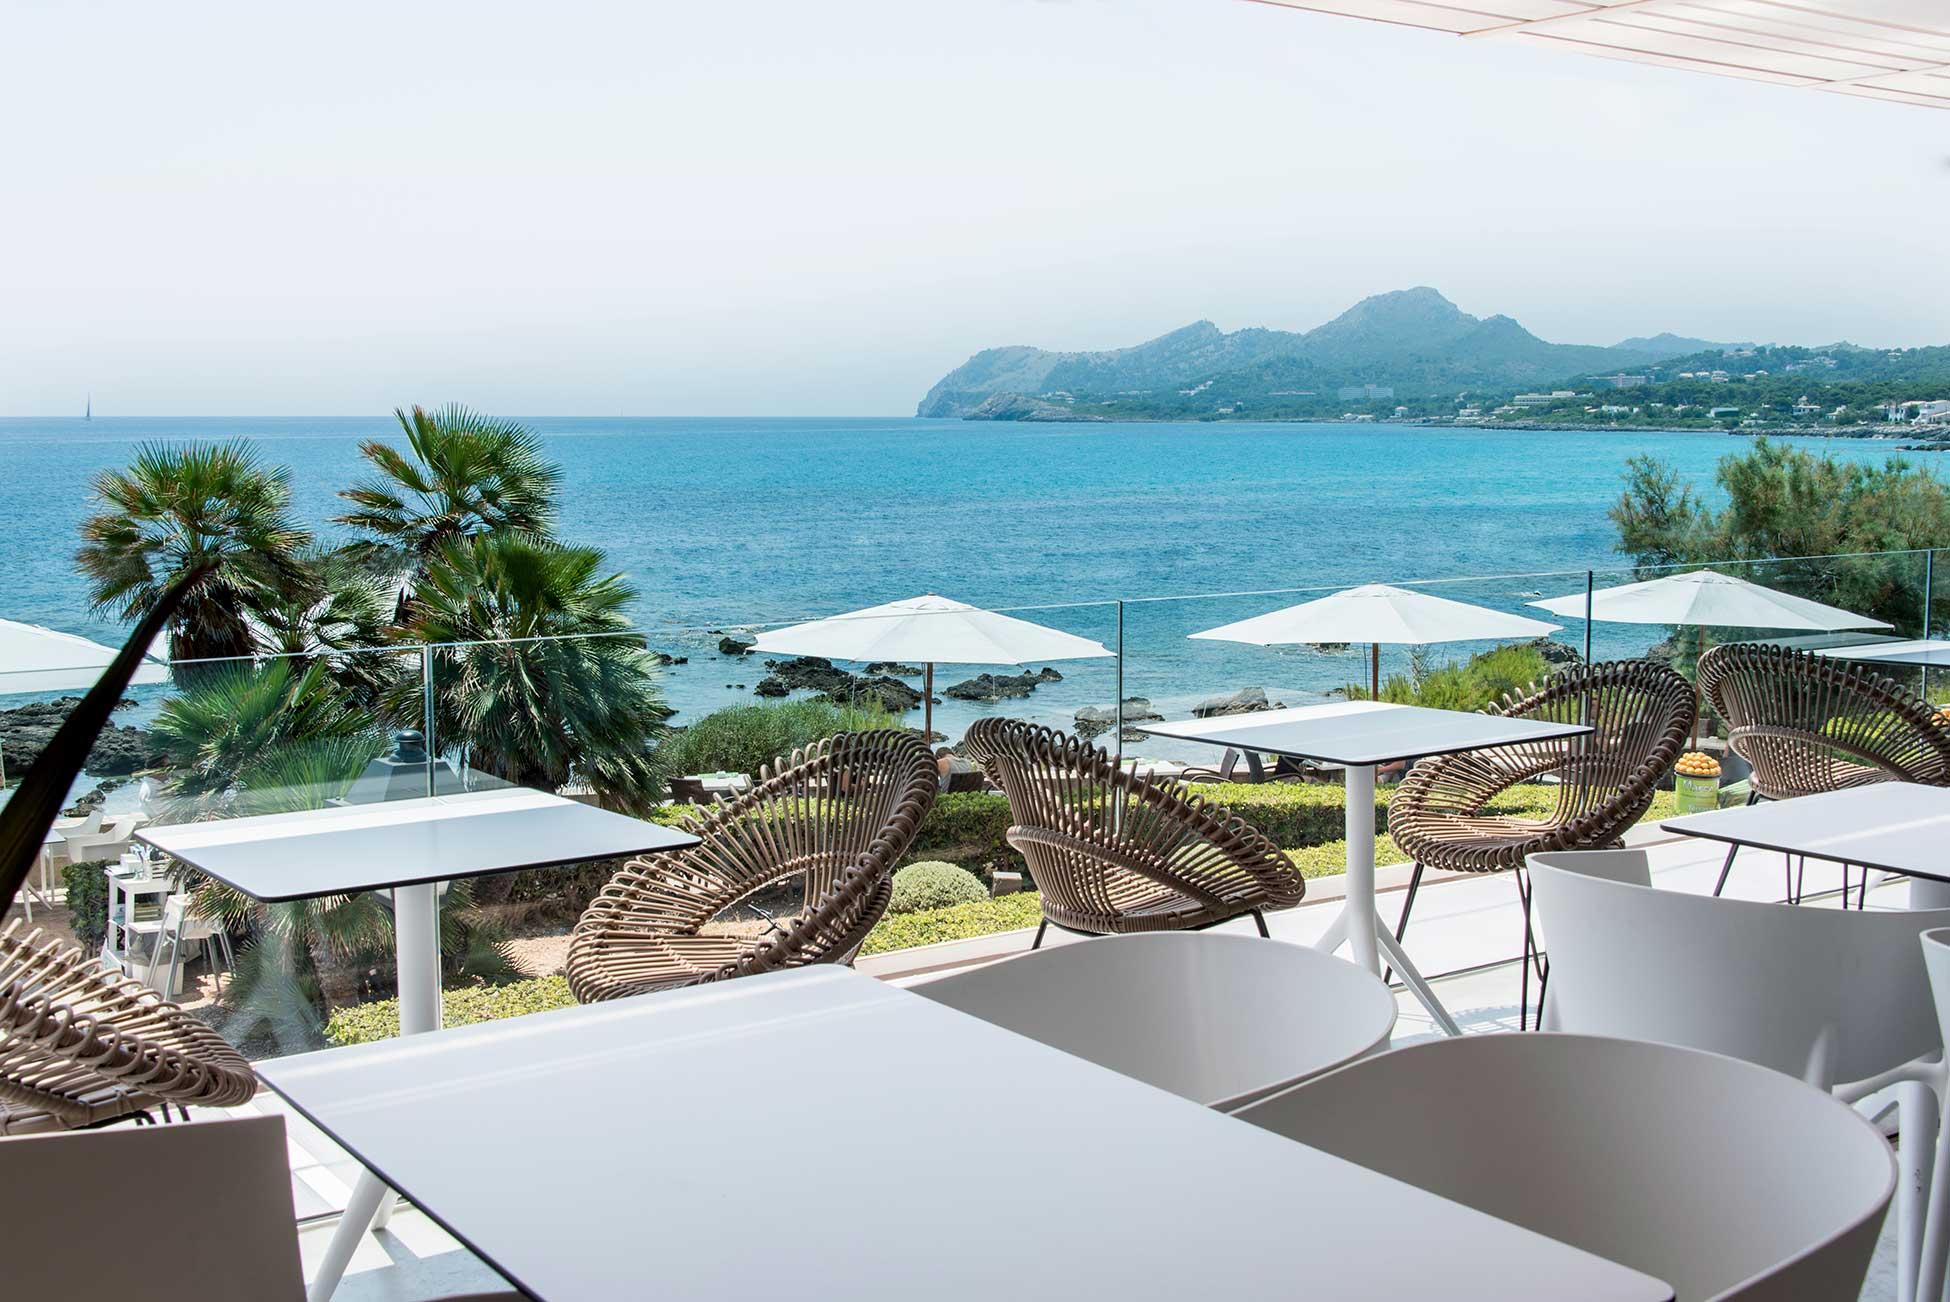 restaurante-lujo-mediterraneo